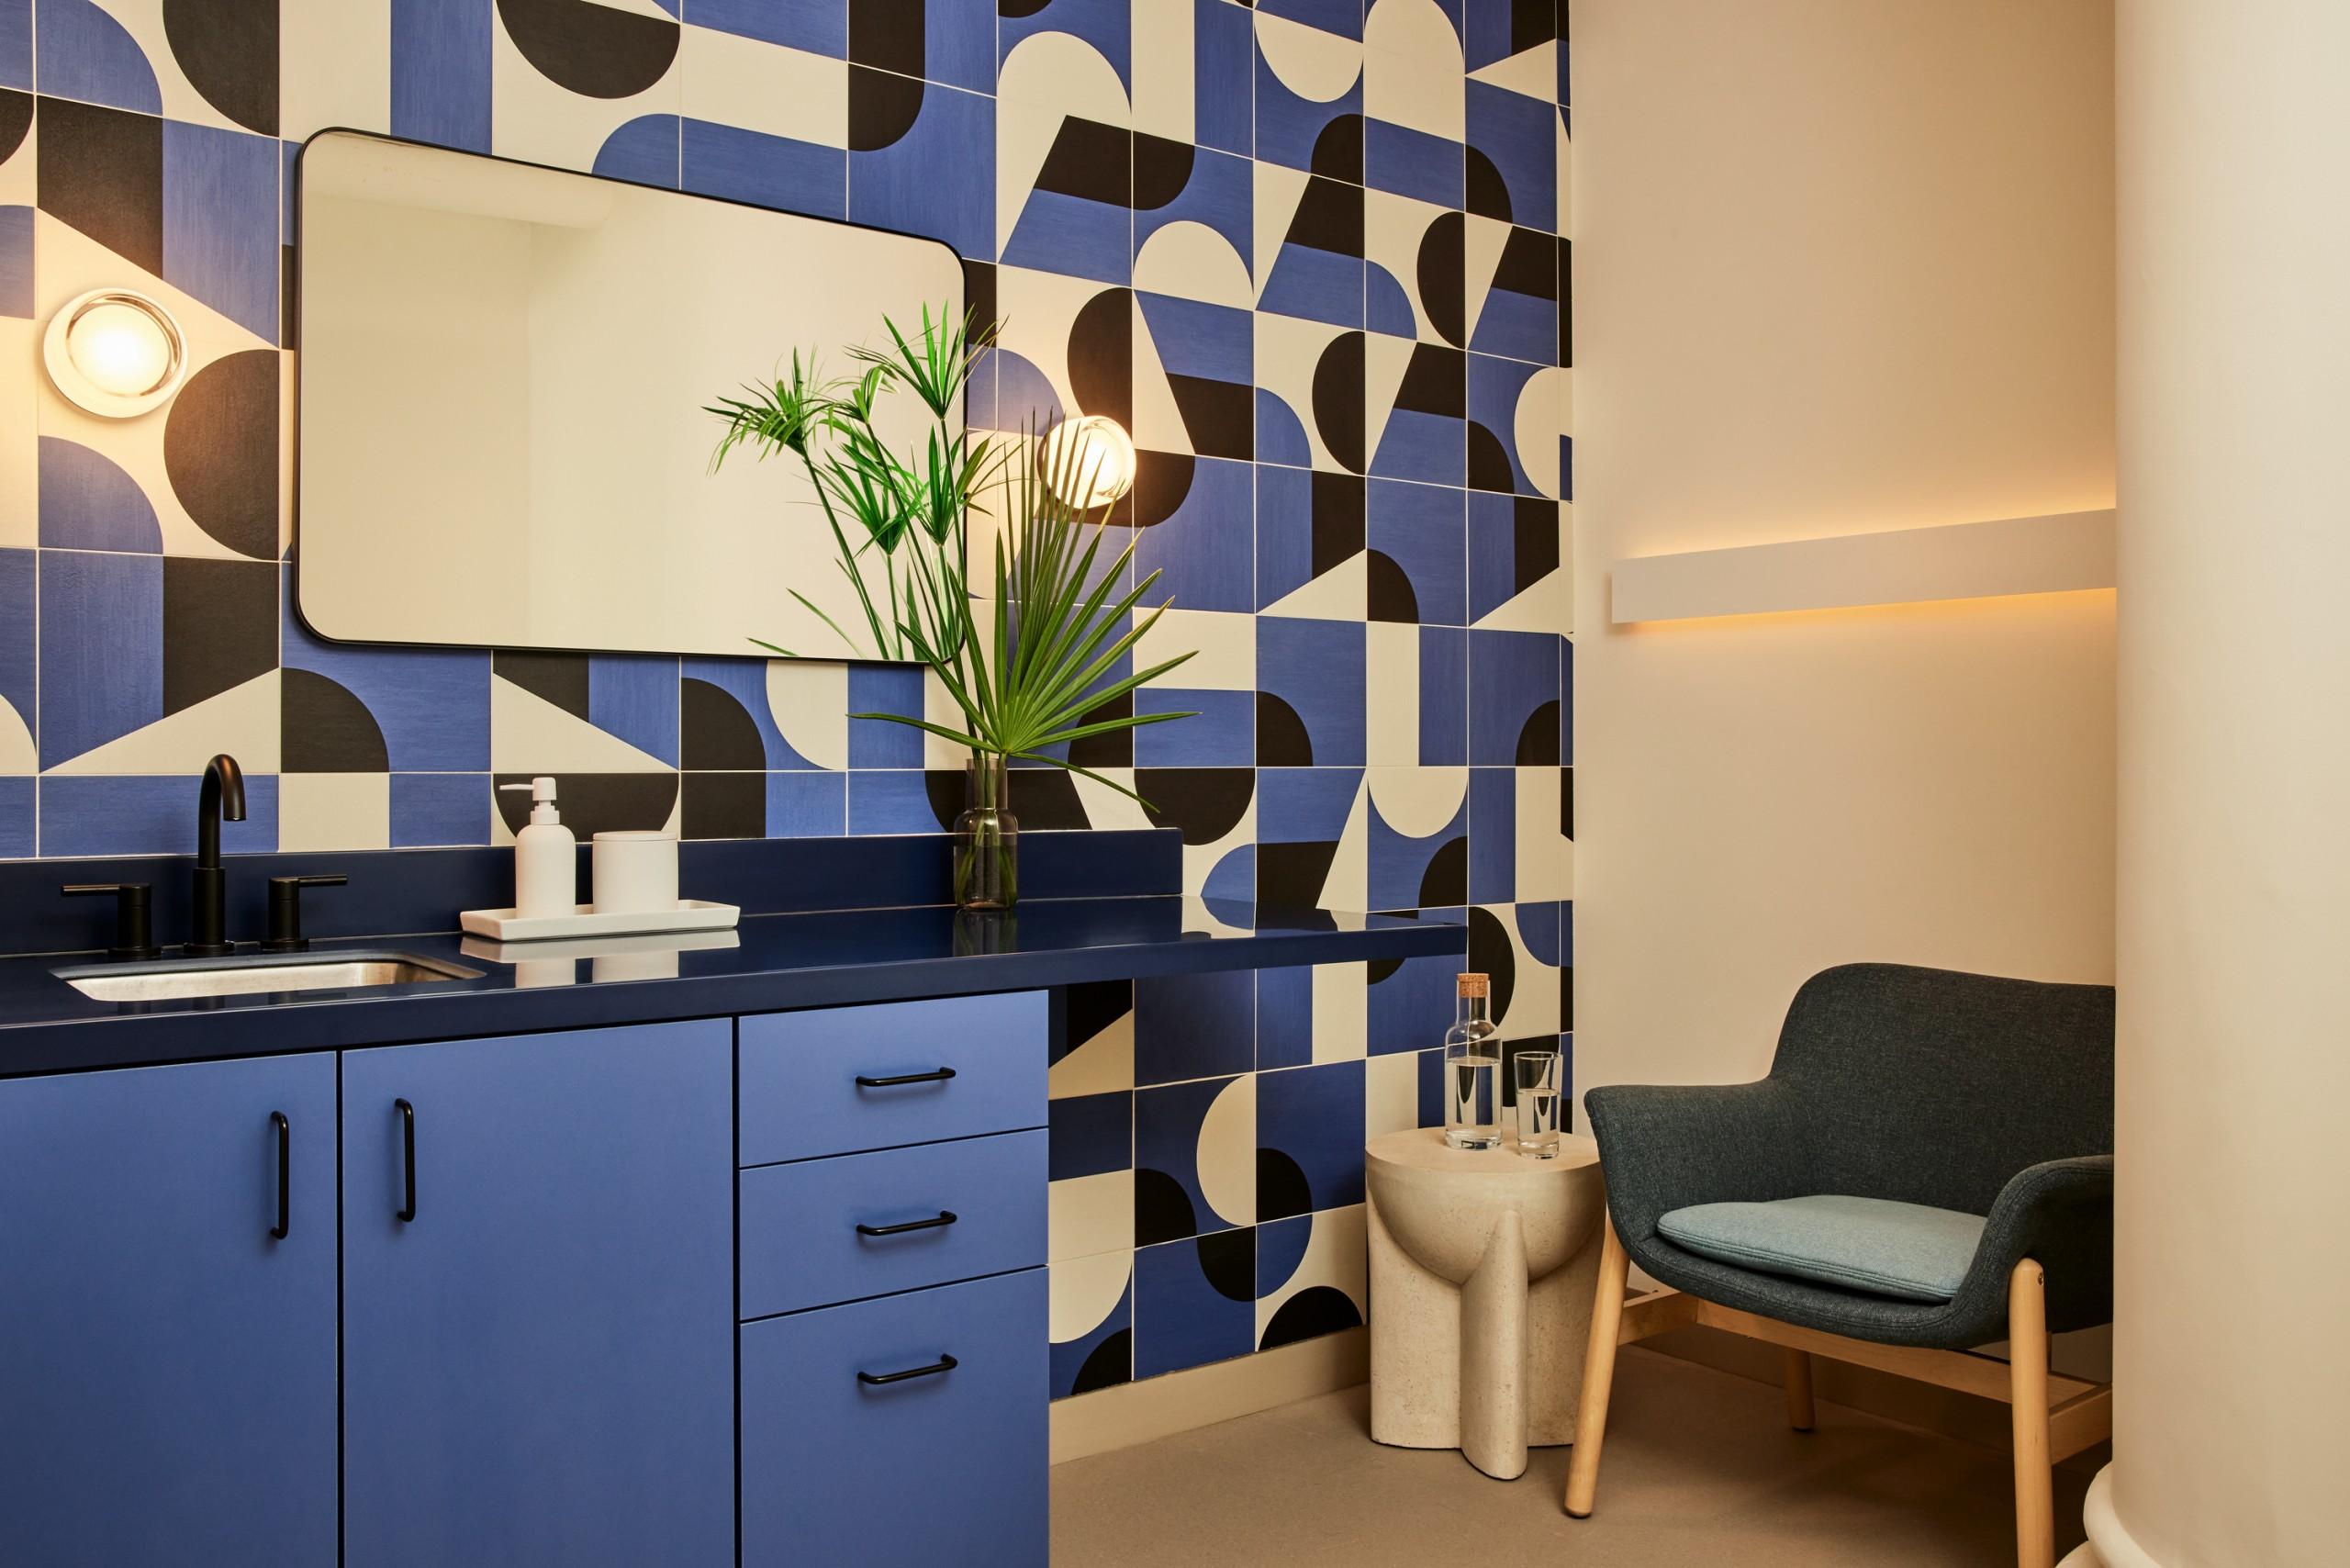 Aldalyarchitecture Health Quarters Mothers Room 006 Photobynicolefranzen